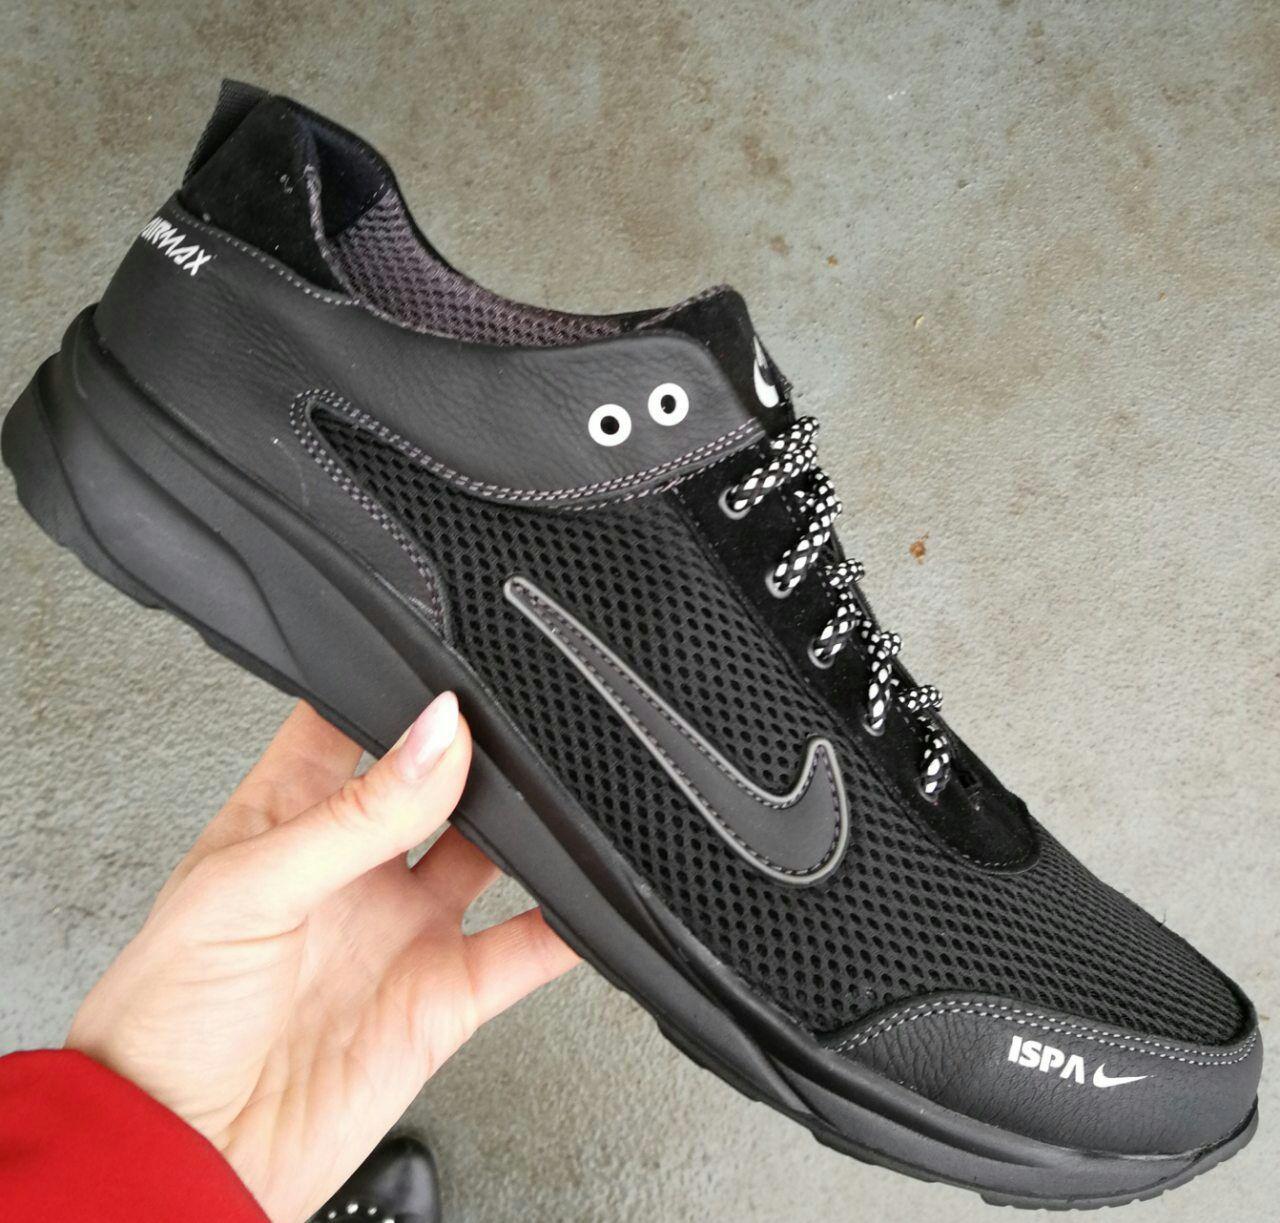 a14789fb4a1201 Чоловічі кросівки великого розміру літні сітка сірі Найк гіганти батальна  серія Nike Big